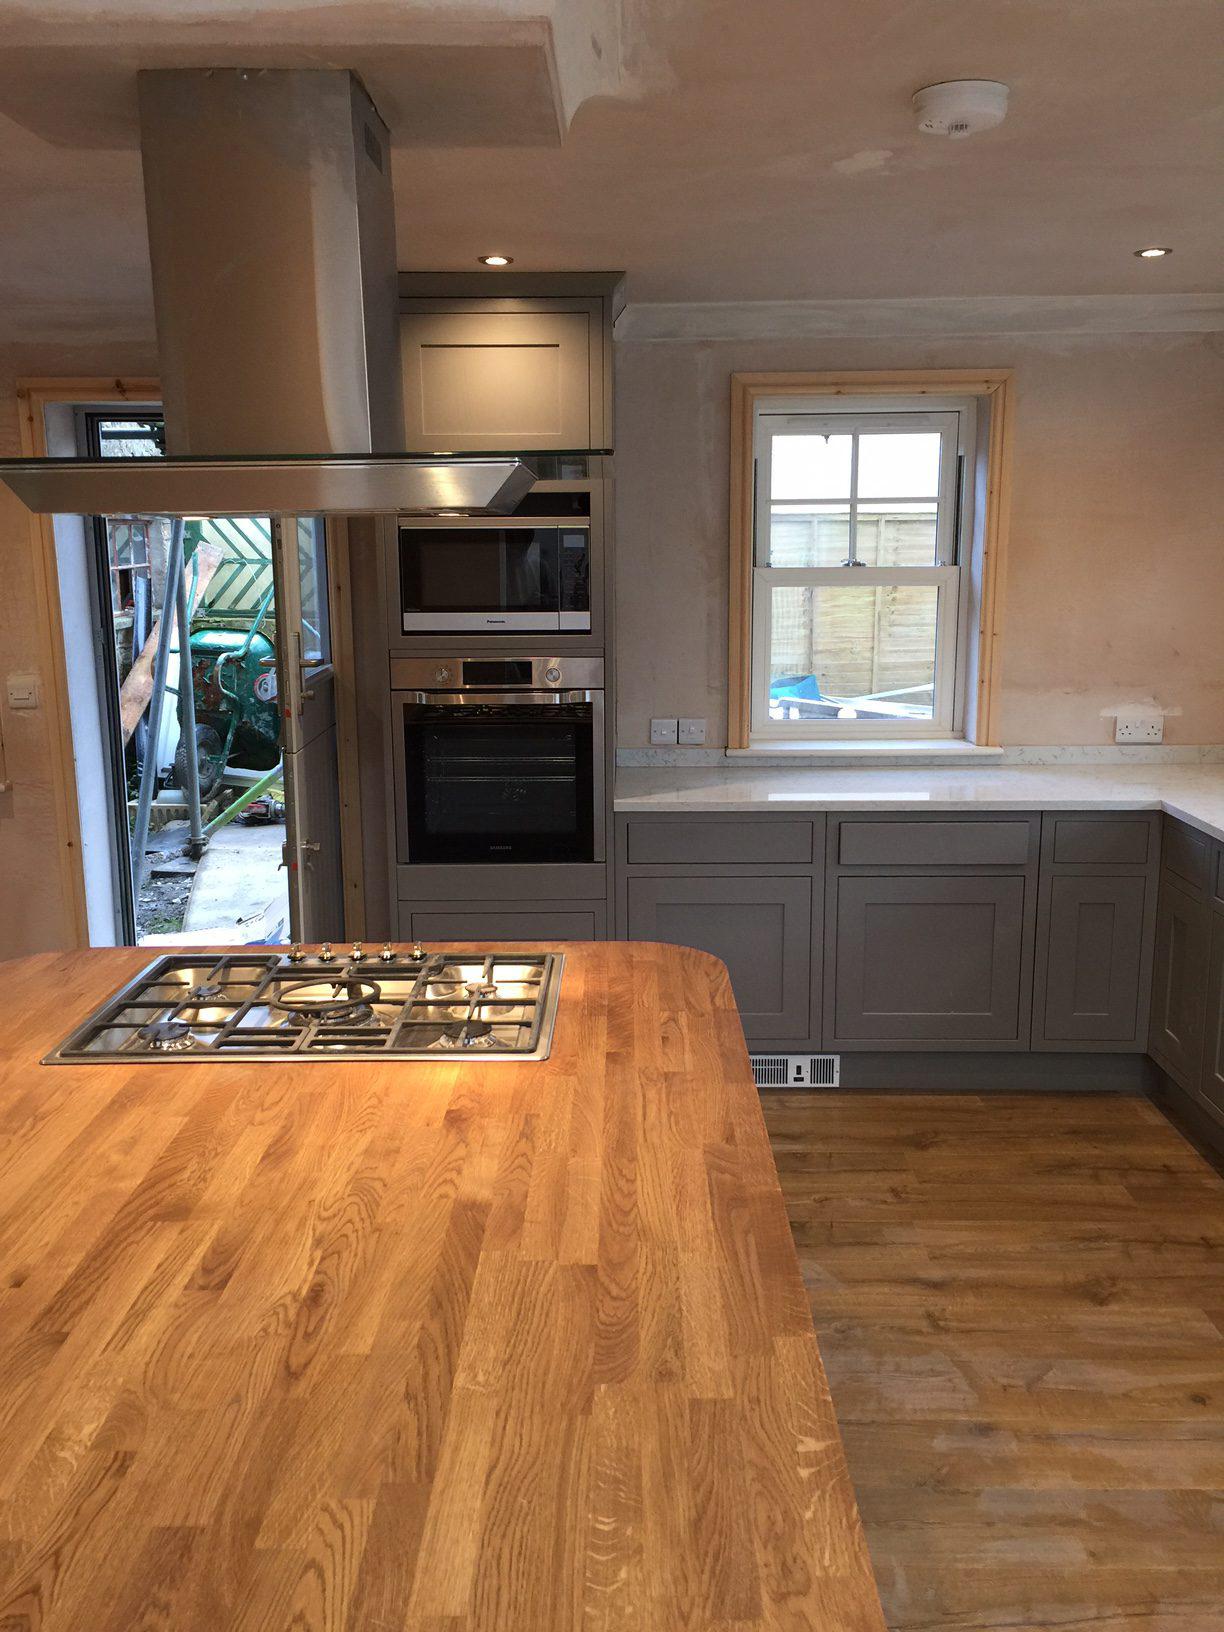 Wooden worktop, kitchen, floorboards, built-in hob